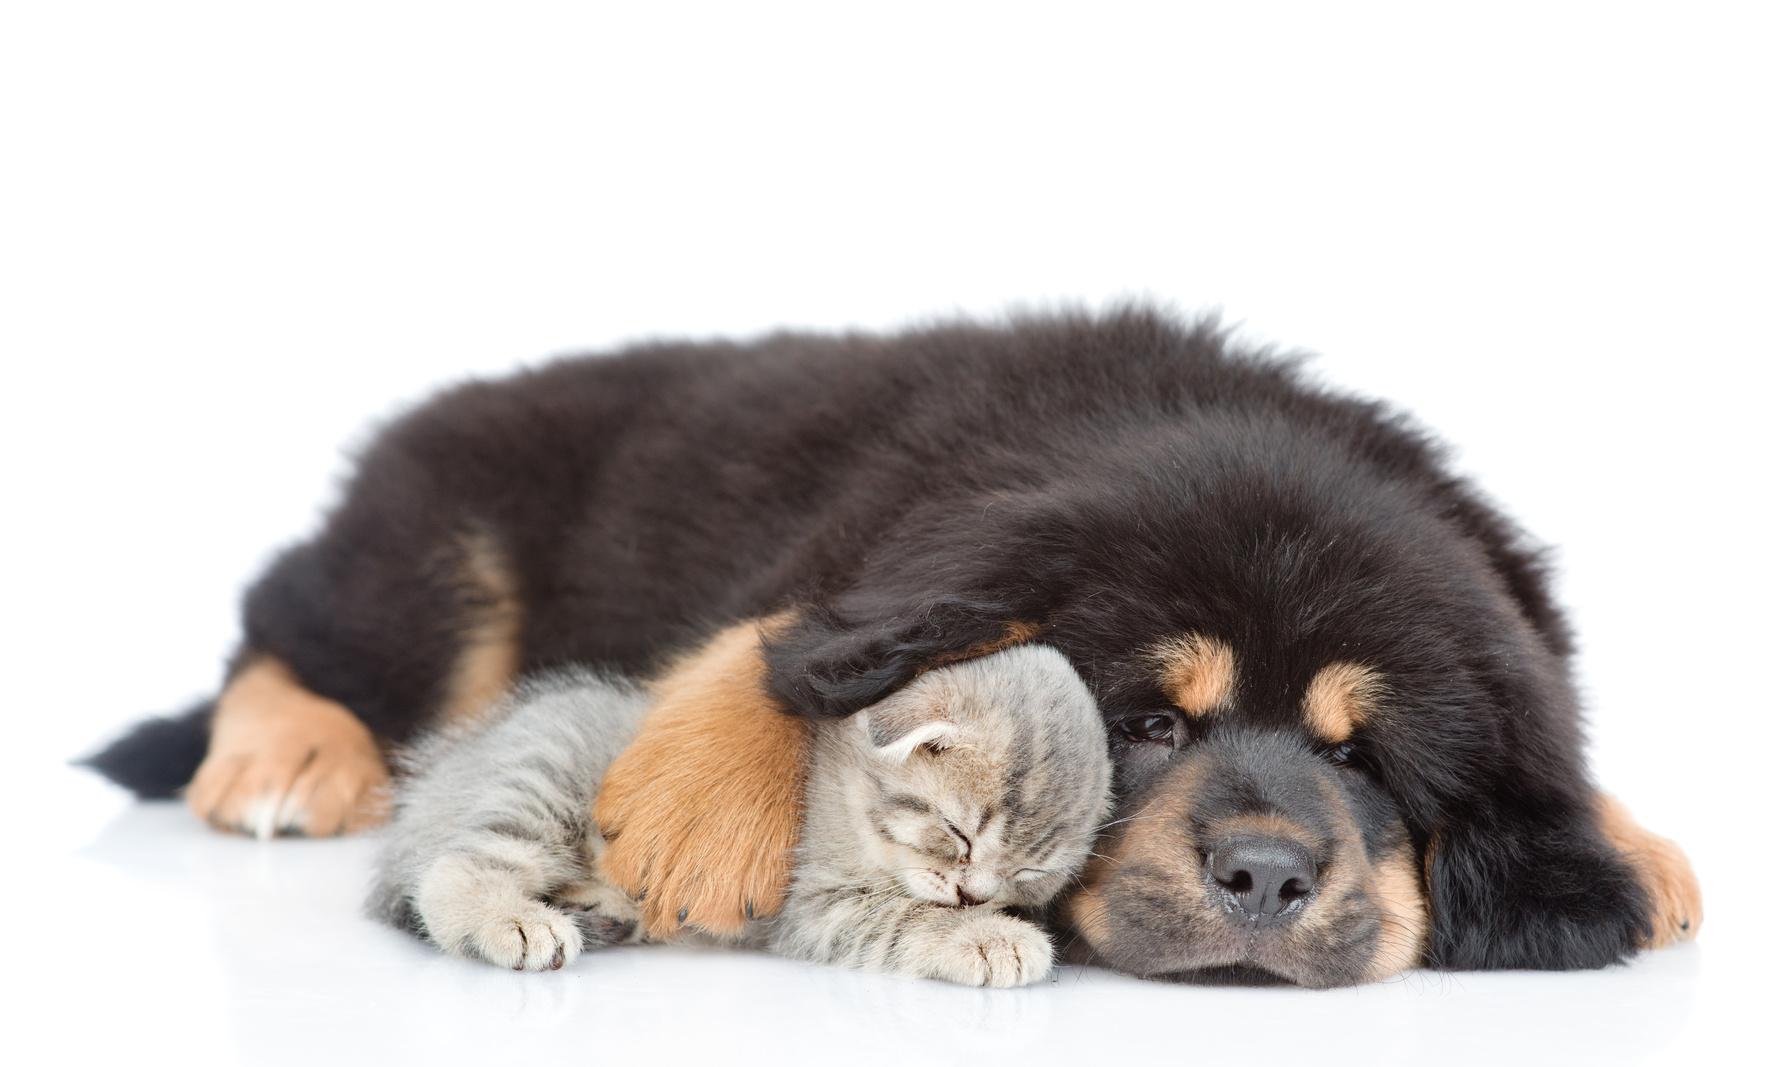 Rabbia cane, rabbia gatto : rabbia malattia